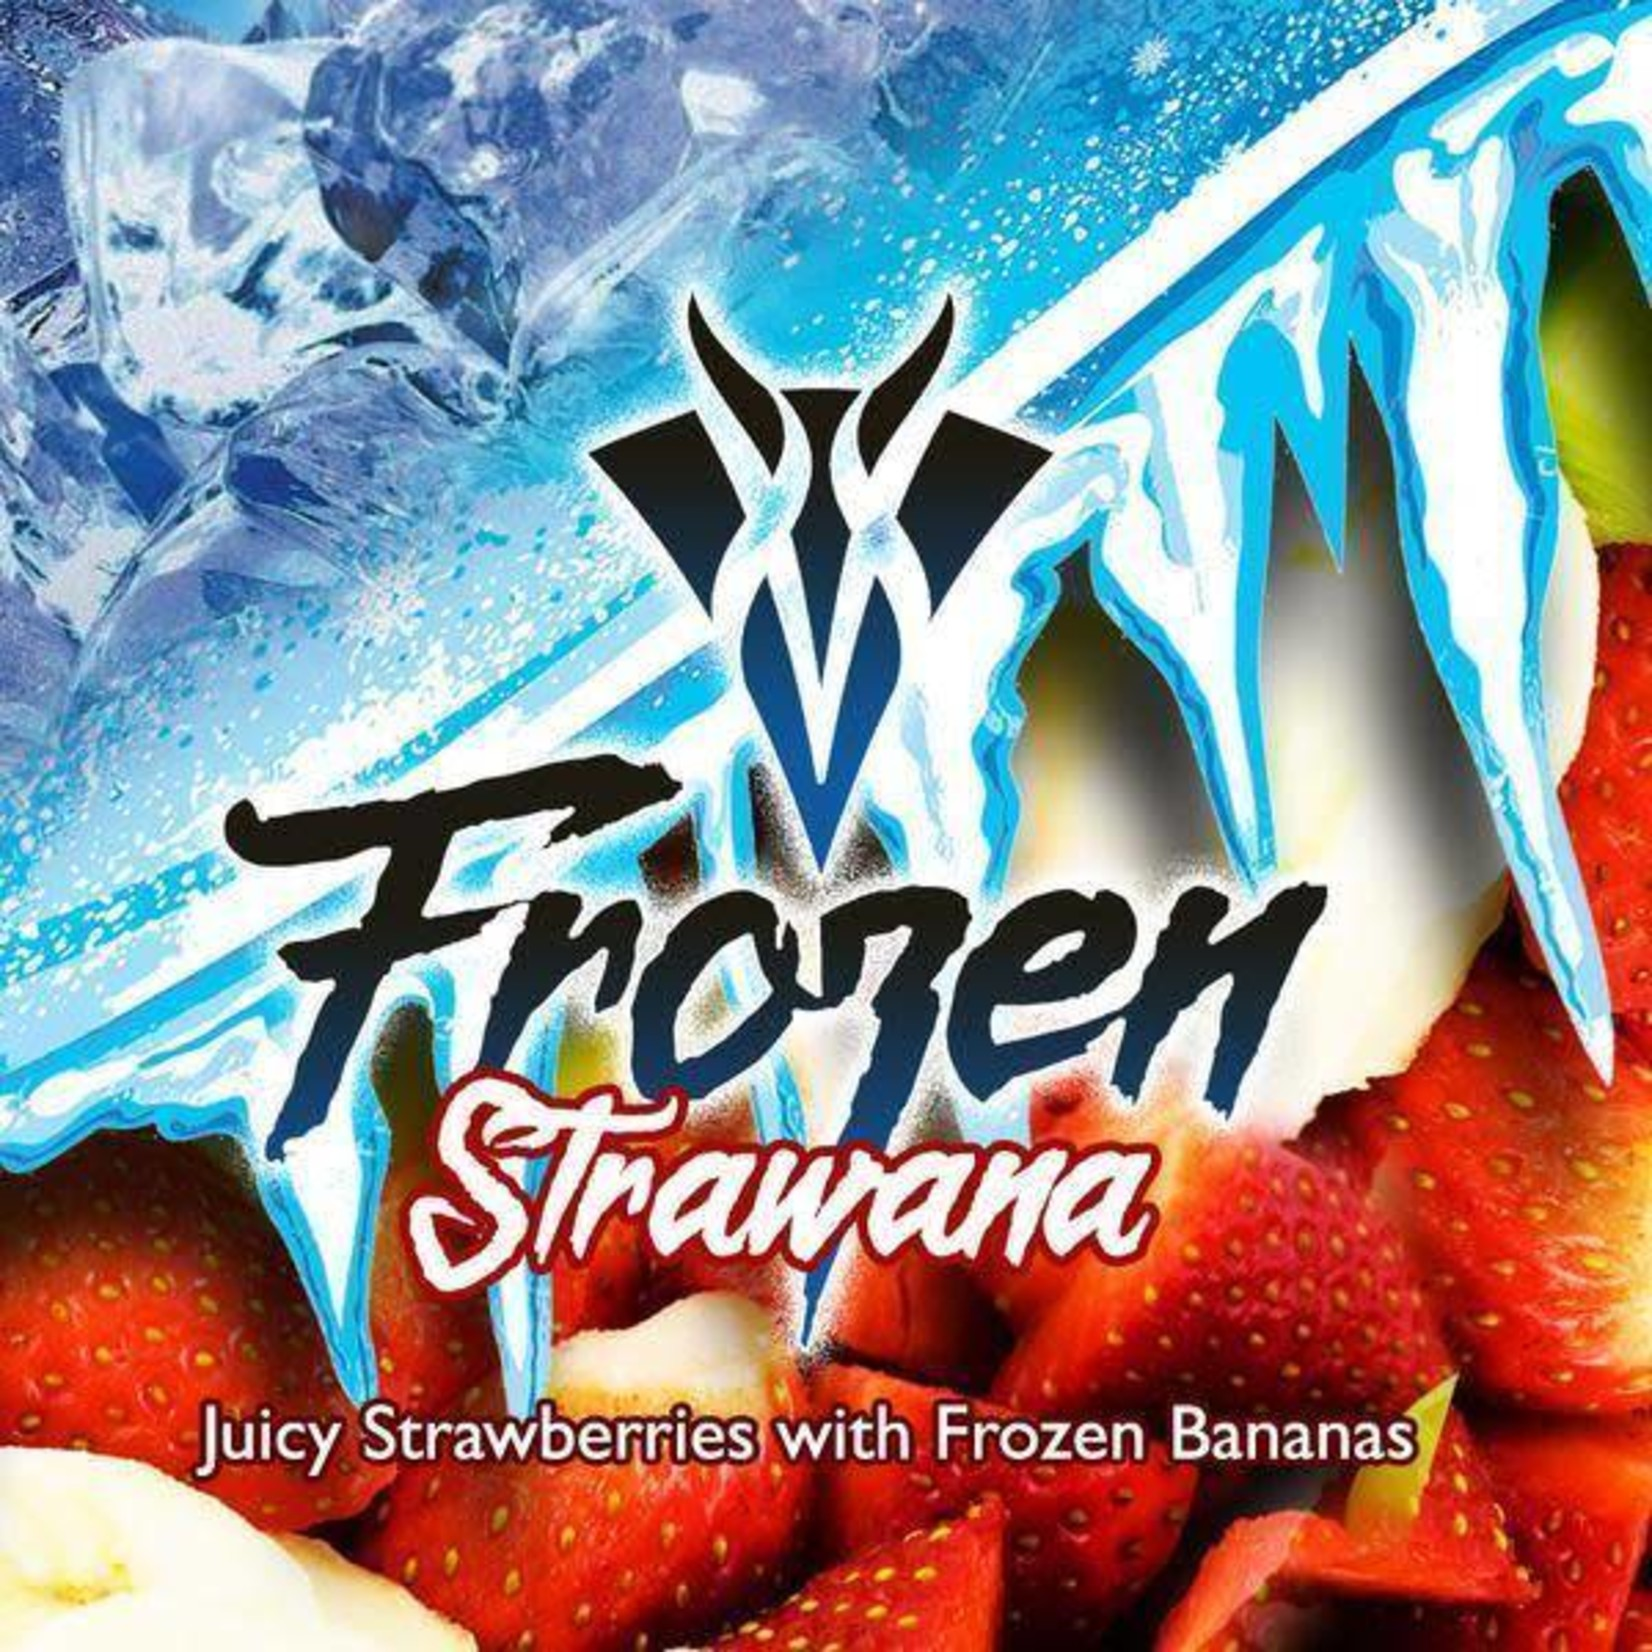 Vango Frozen Strawana